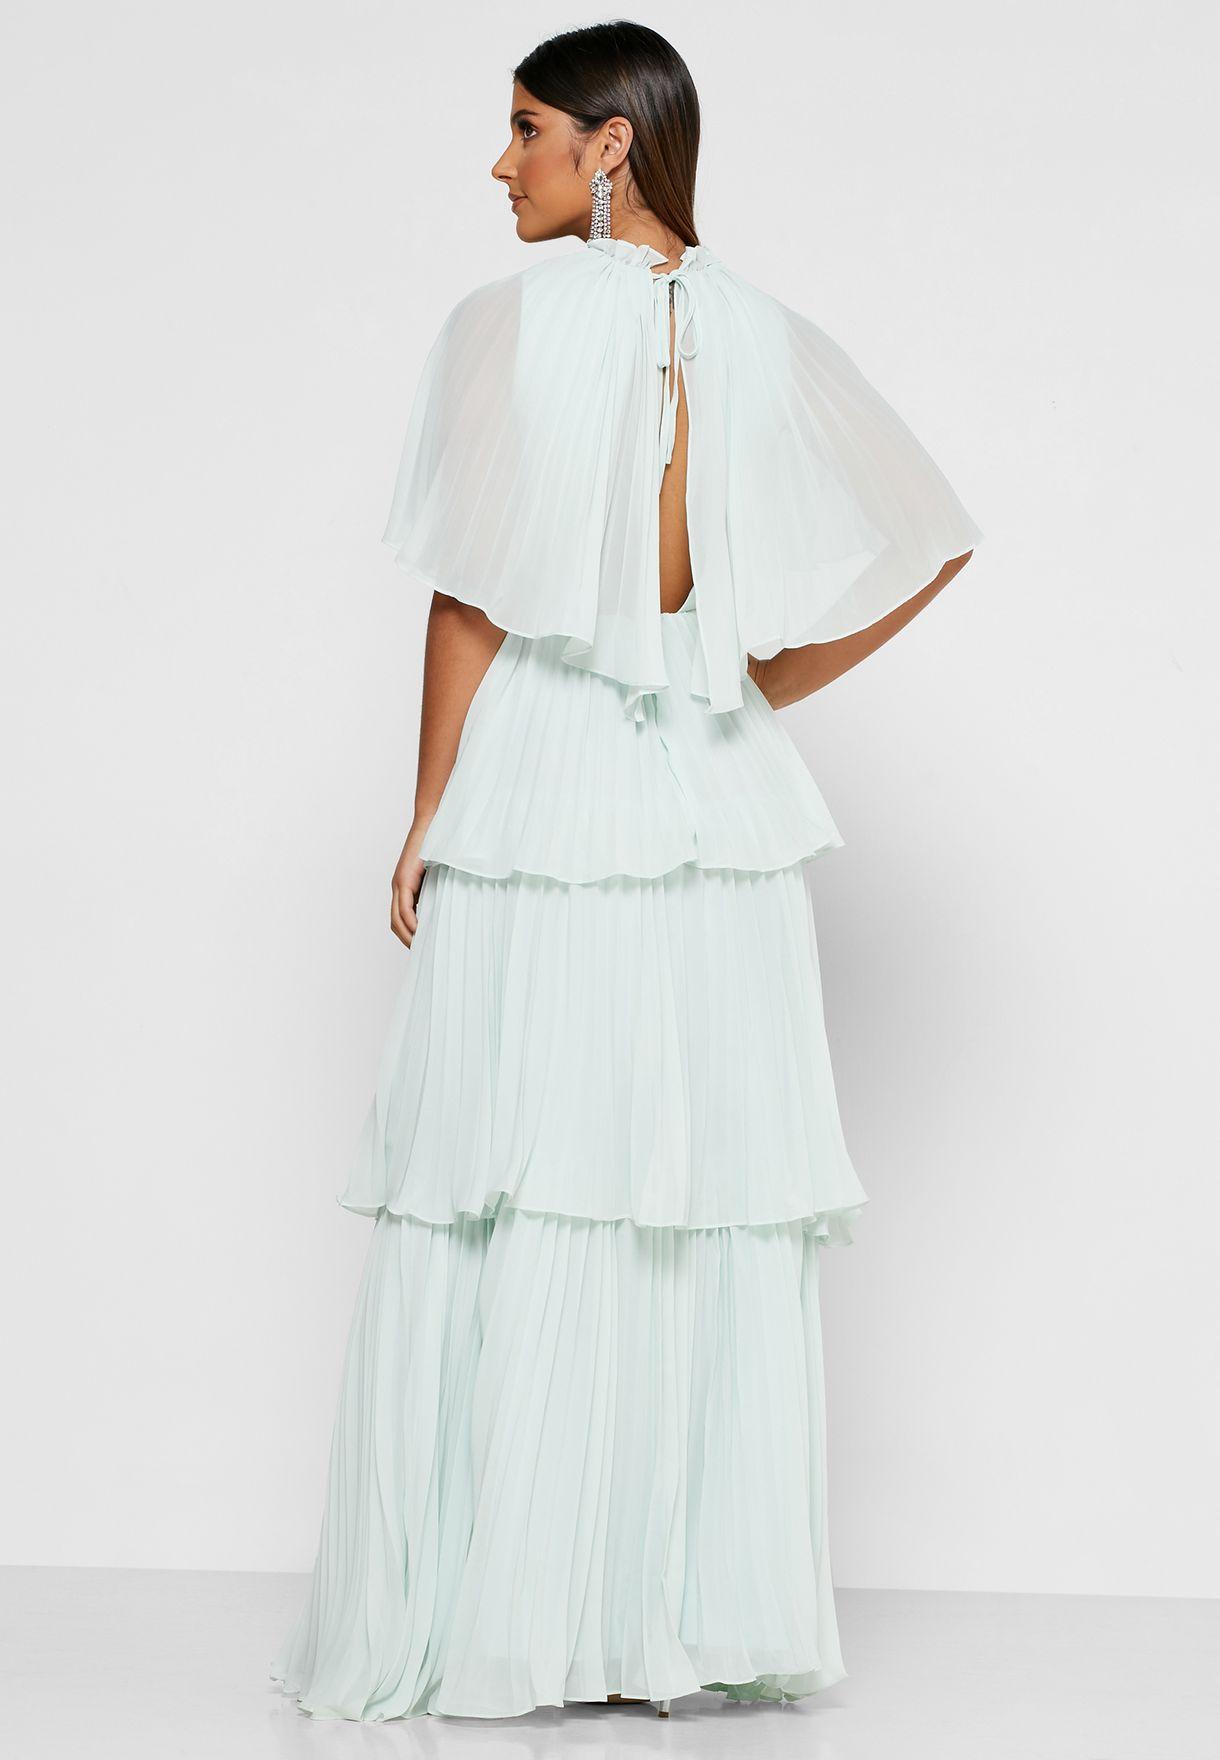 Ruffle Detail Lace Dress